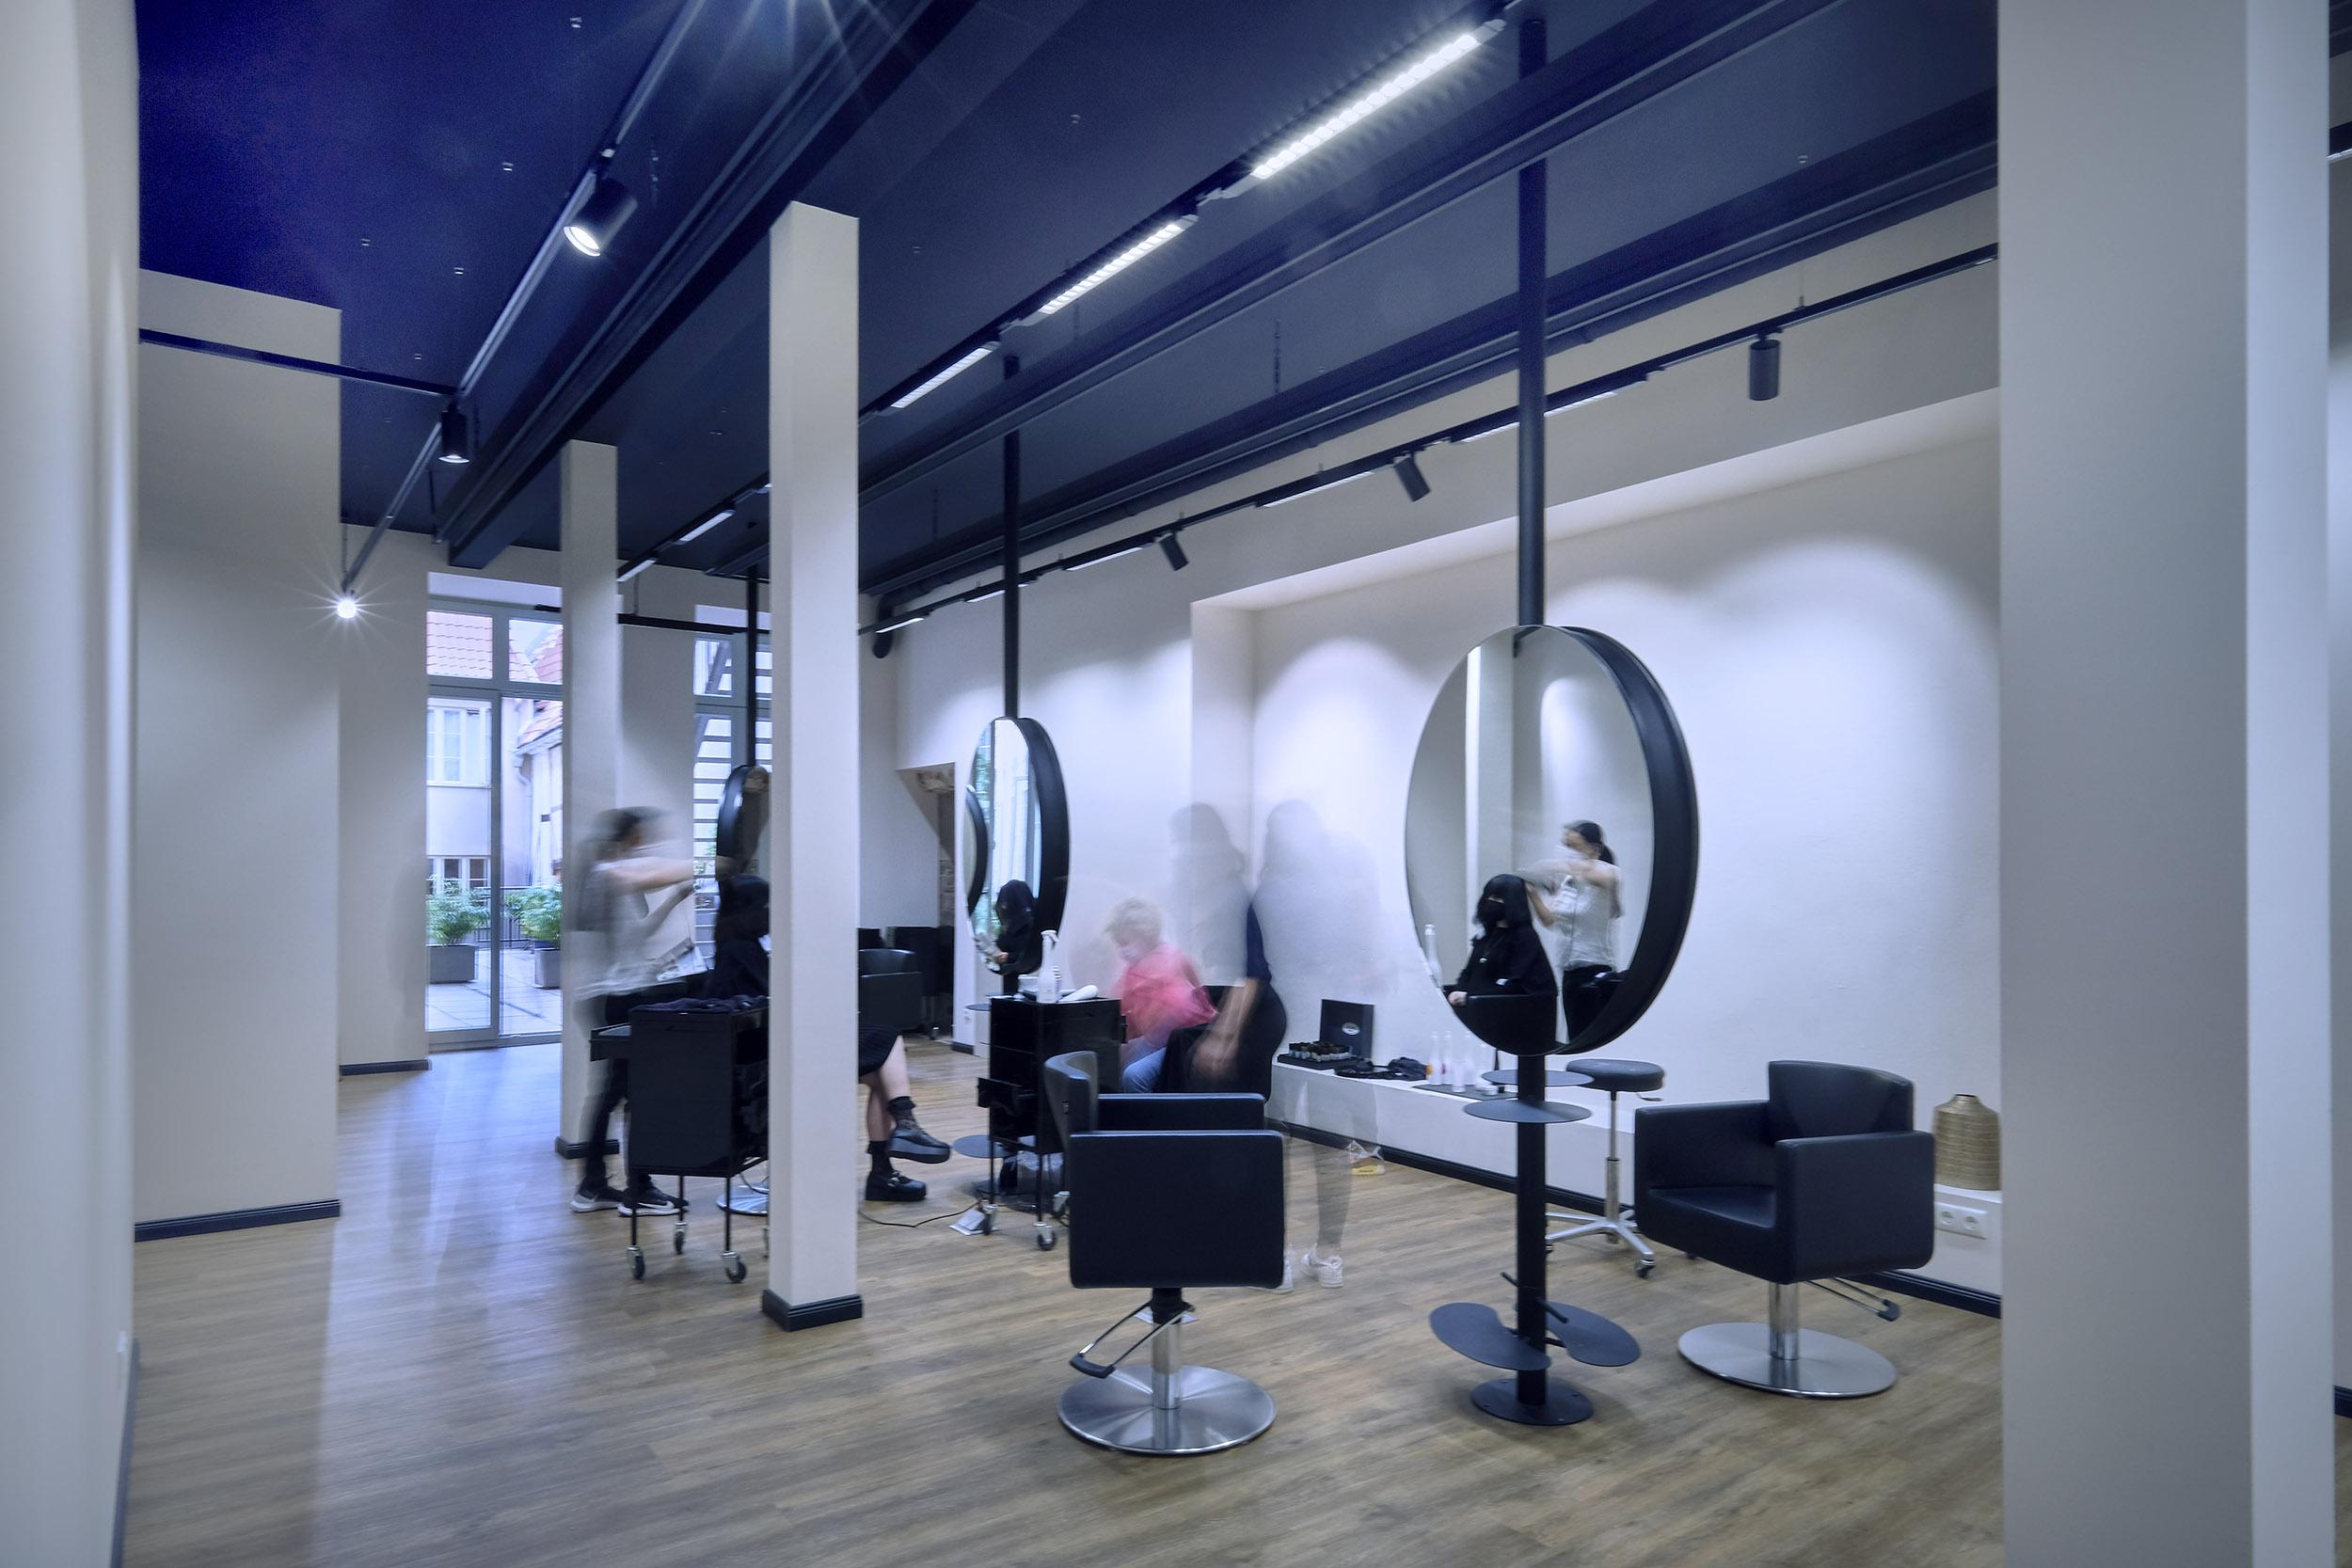 Friseur Lübeck, Headcut Society, Uwe Marino, Färben, Schneiden, Waschen, Top Friseur Lübeck